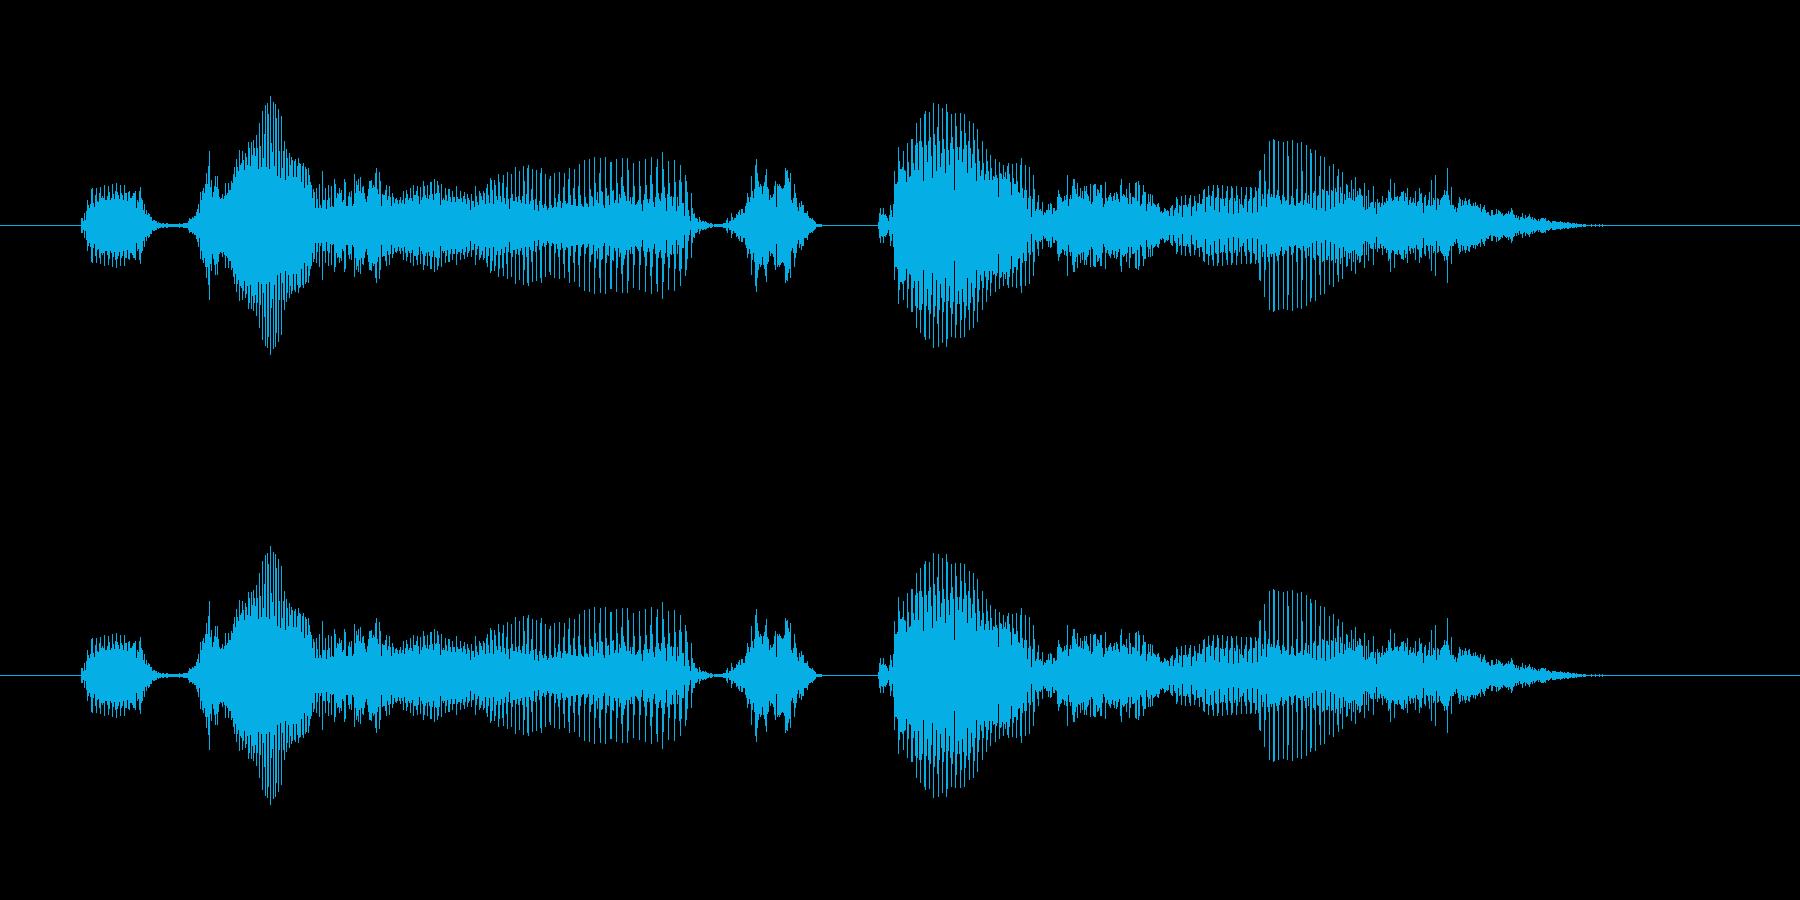 【時報・時間】1時をお伝えしますの再生済みの波形